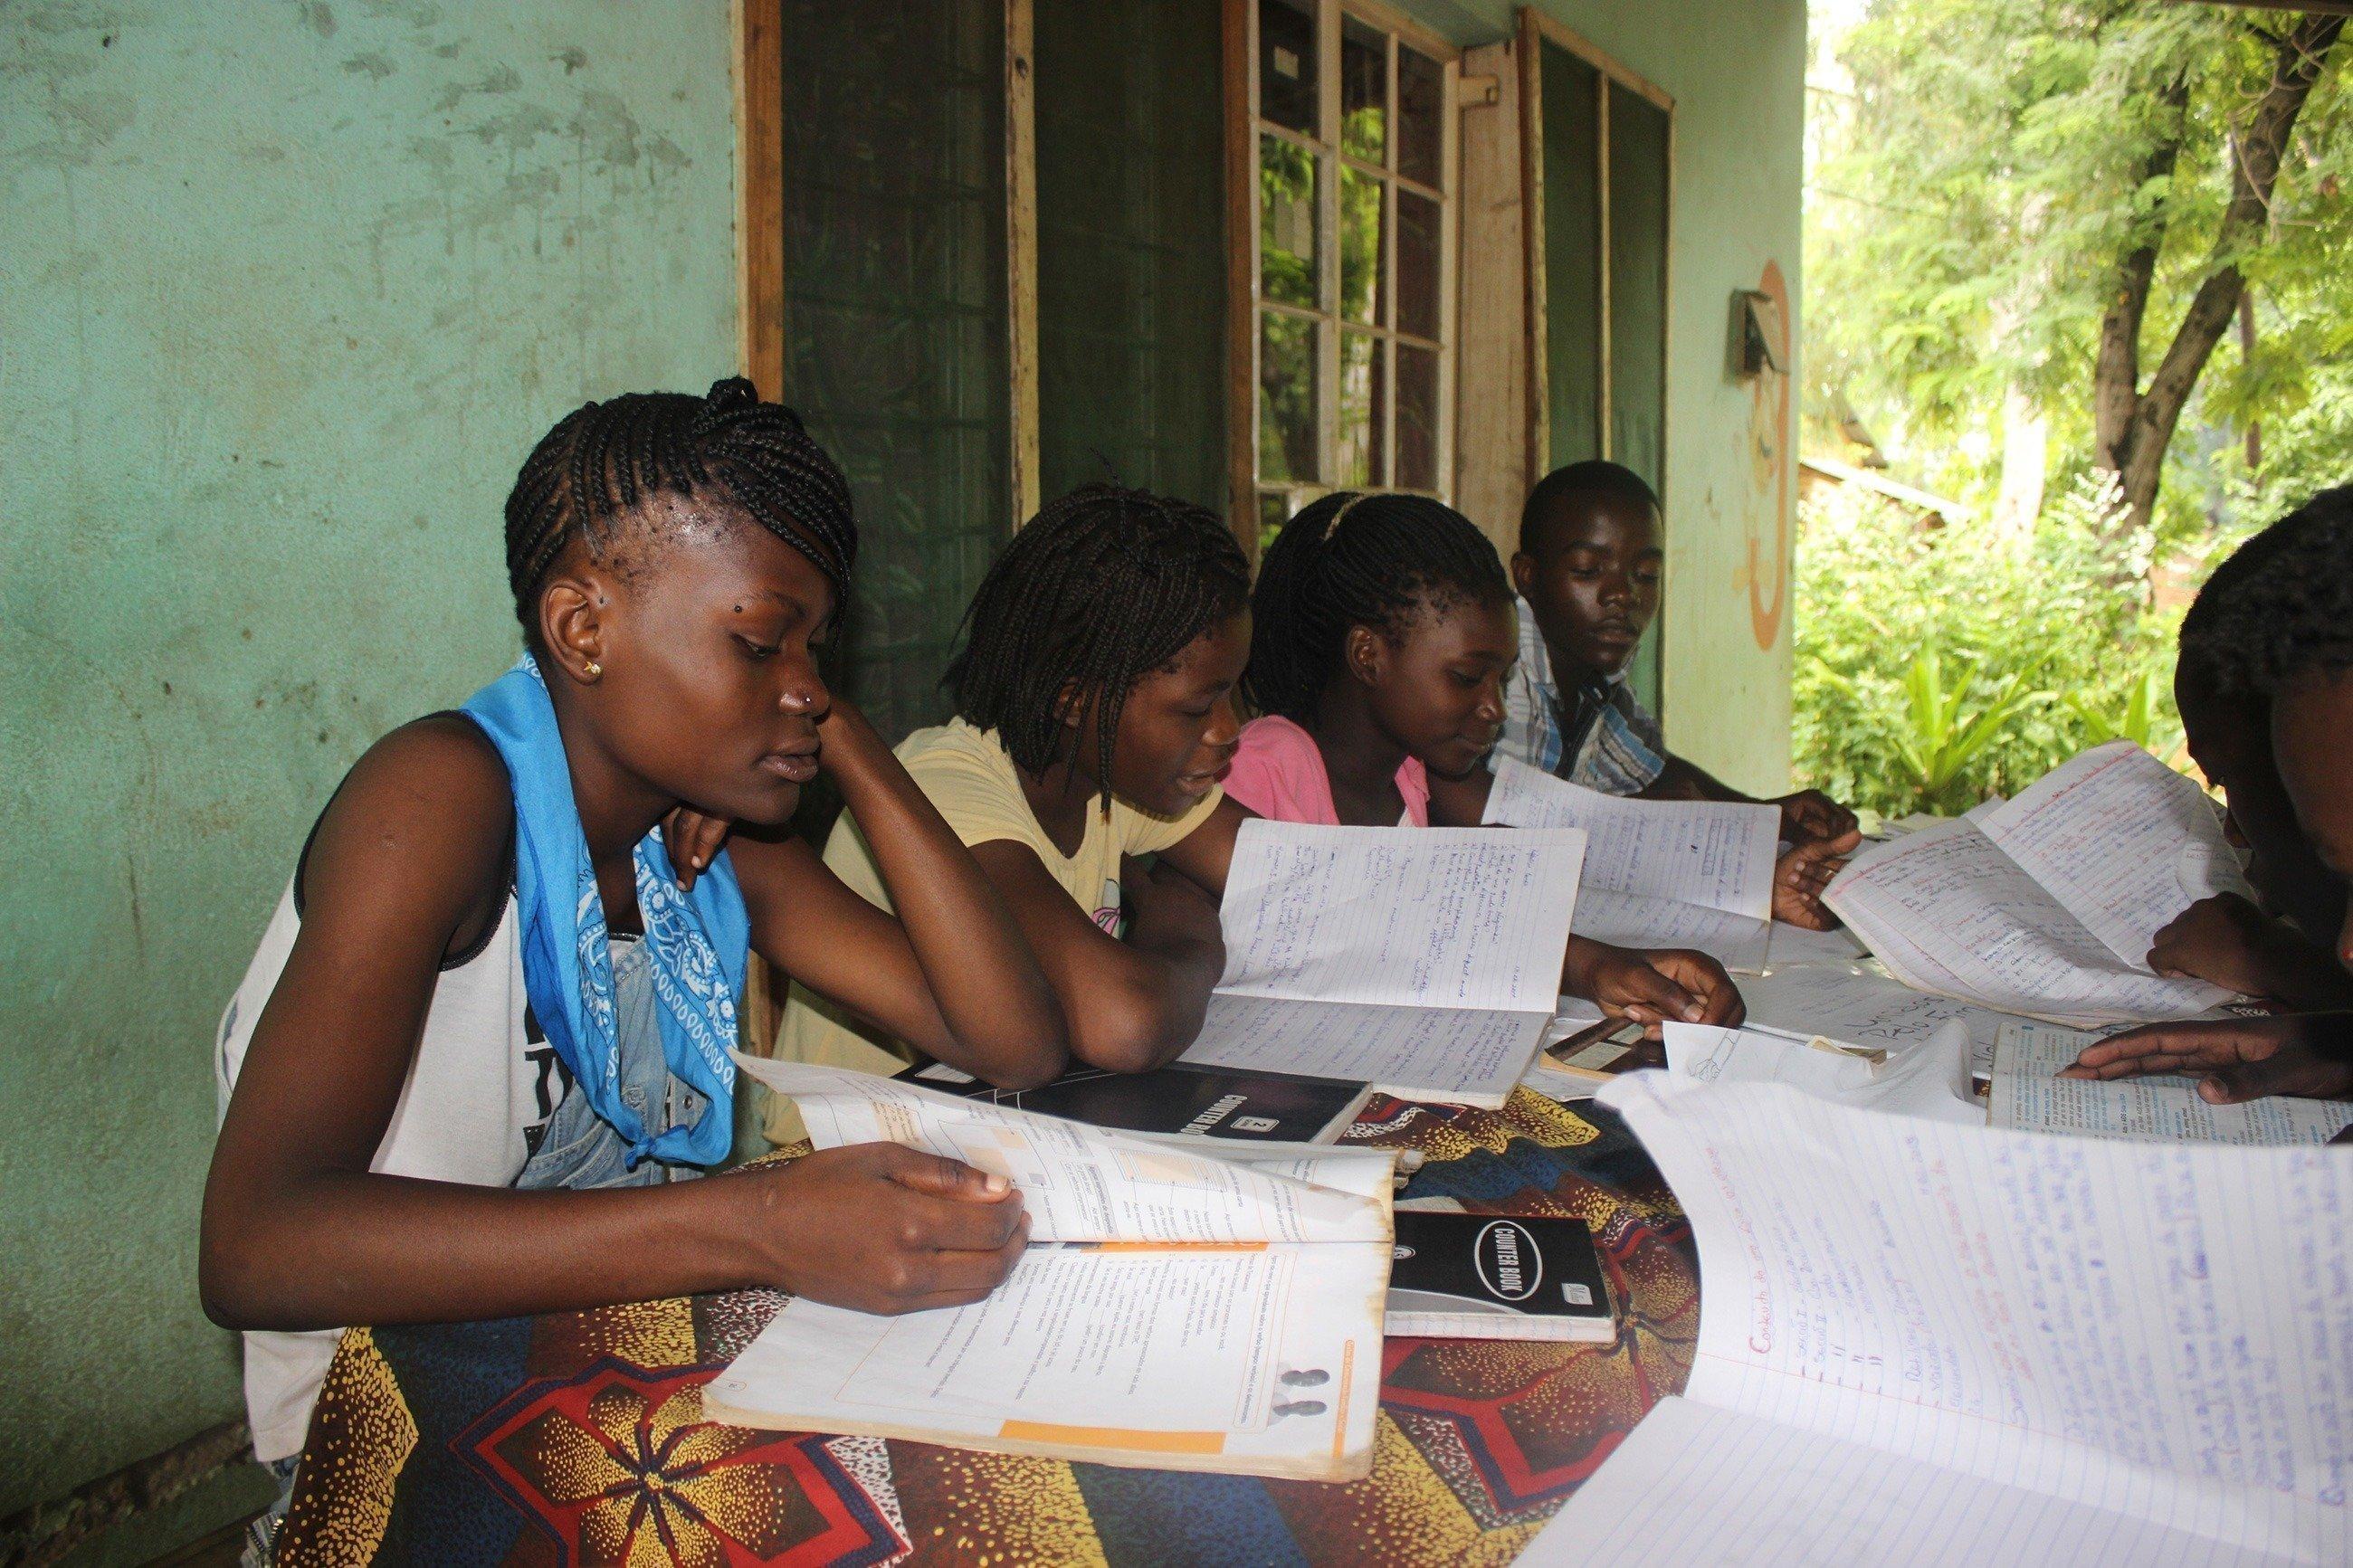 Schülerinnen beim Lernen.